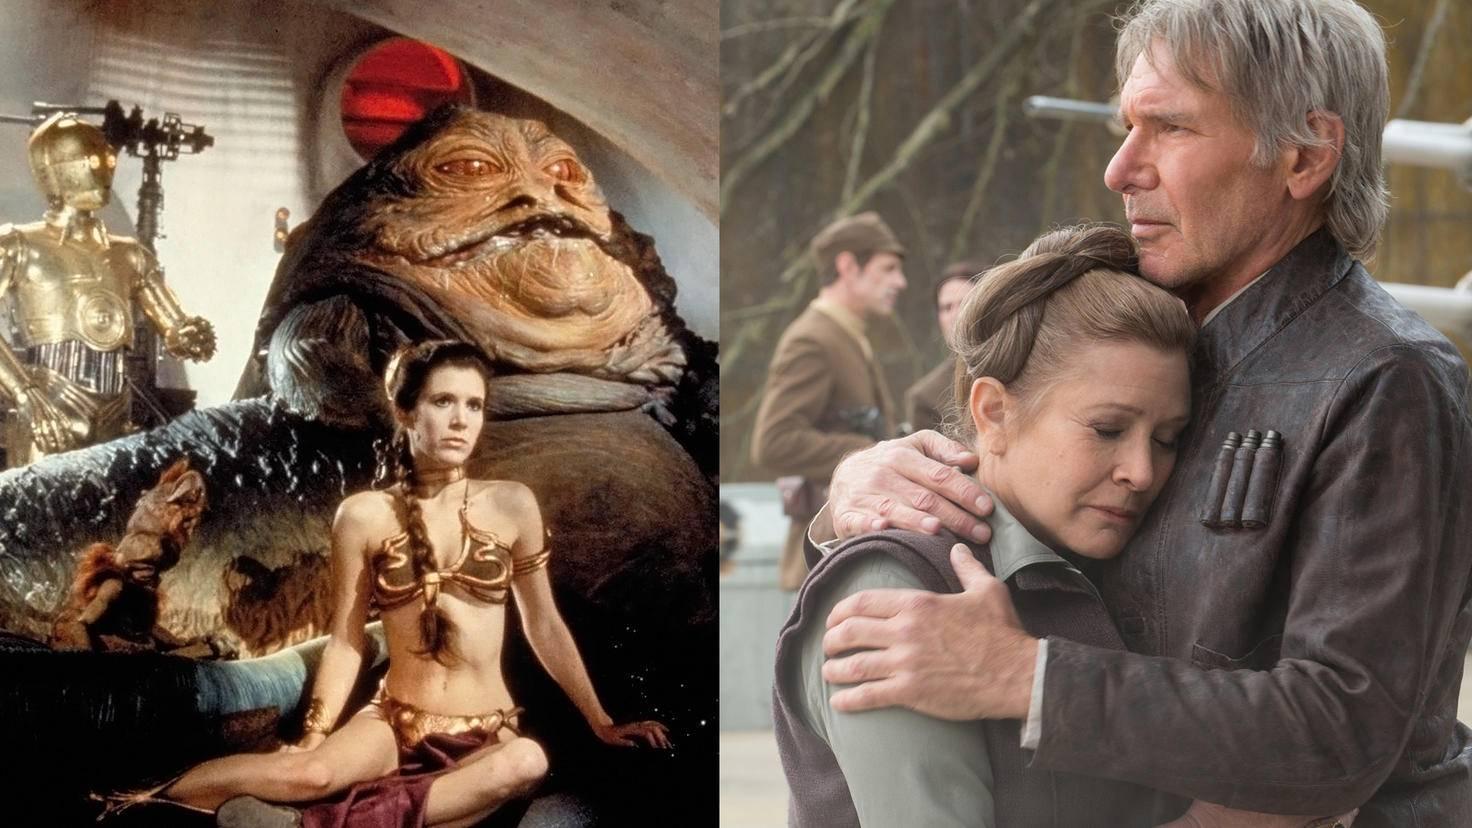 Star Wars VI Die Rückkehr der Jedi-Ritter-20th Century Fox-Star Wars Das Erwachen der Macht-TM Lucasfilm Ltd.